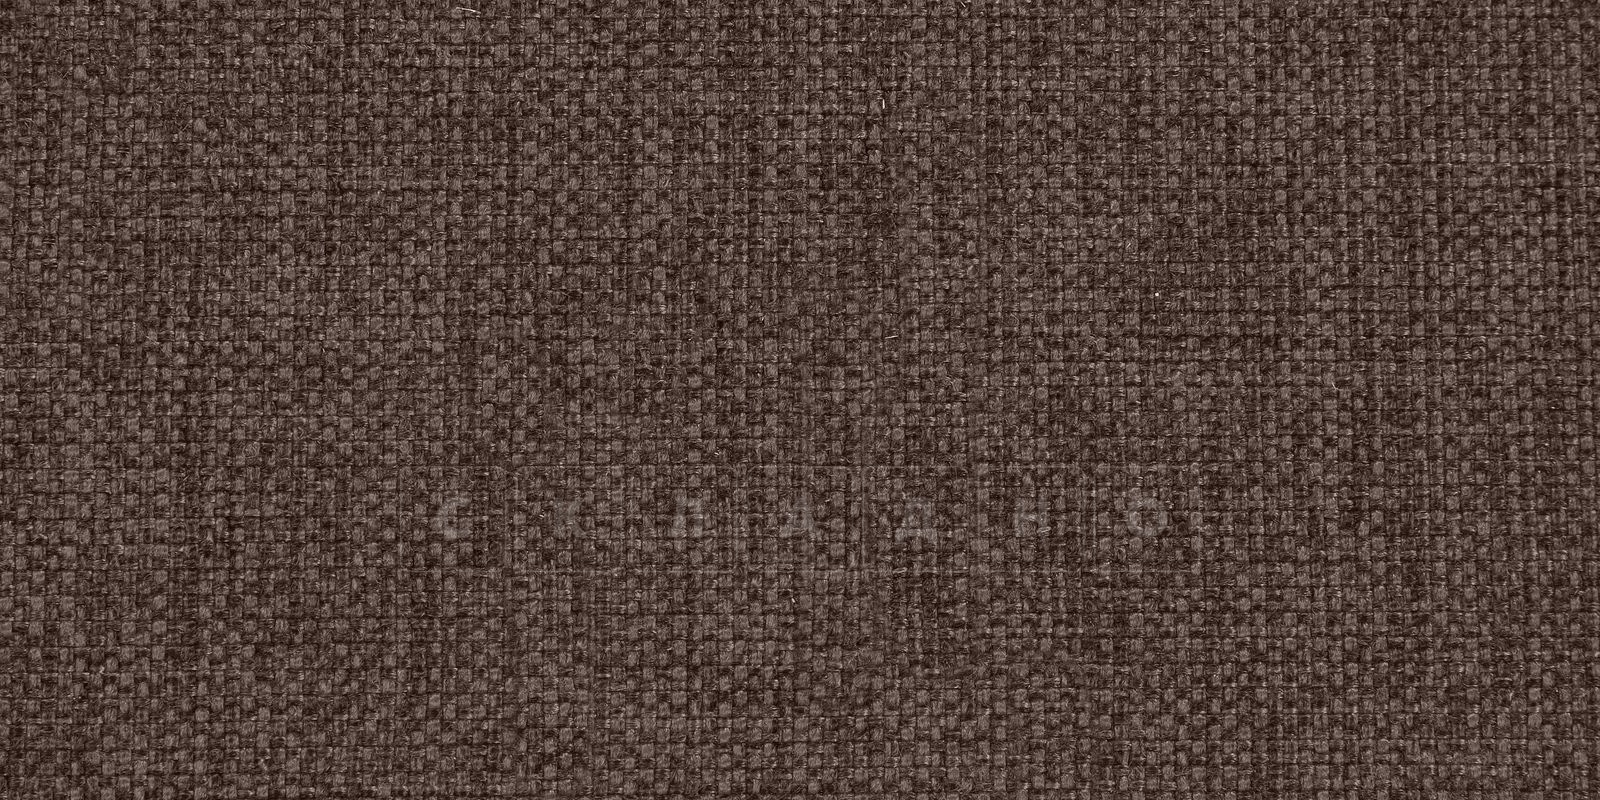 Диван Парма коричневого цвета рогожка фото 8 | интернет-магазин Складно